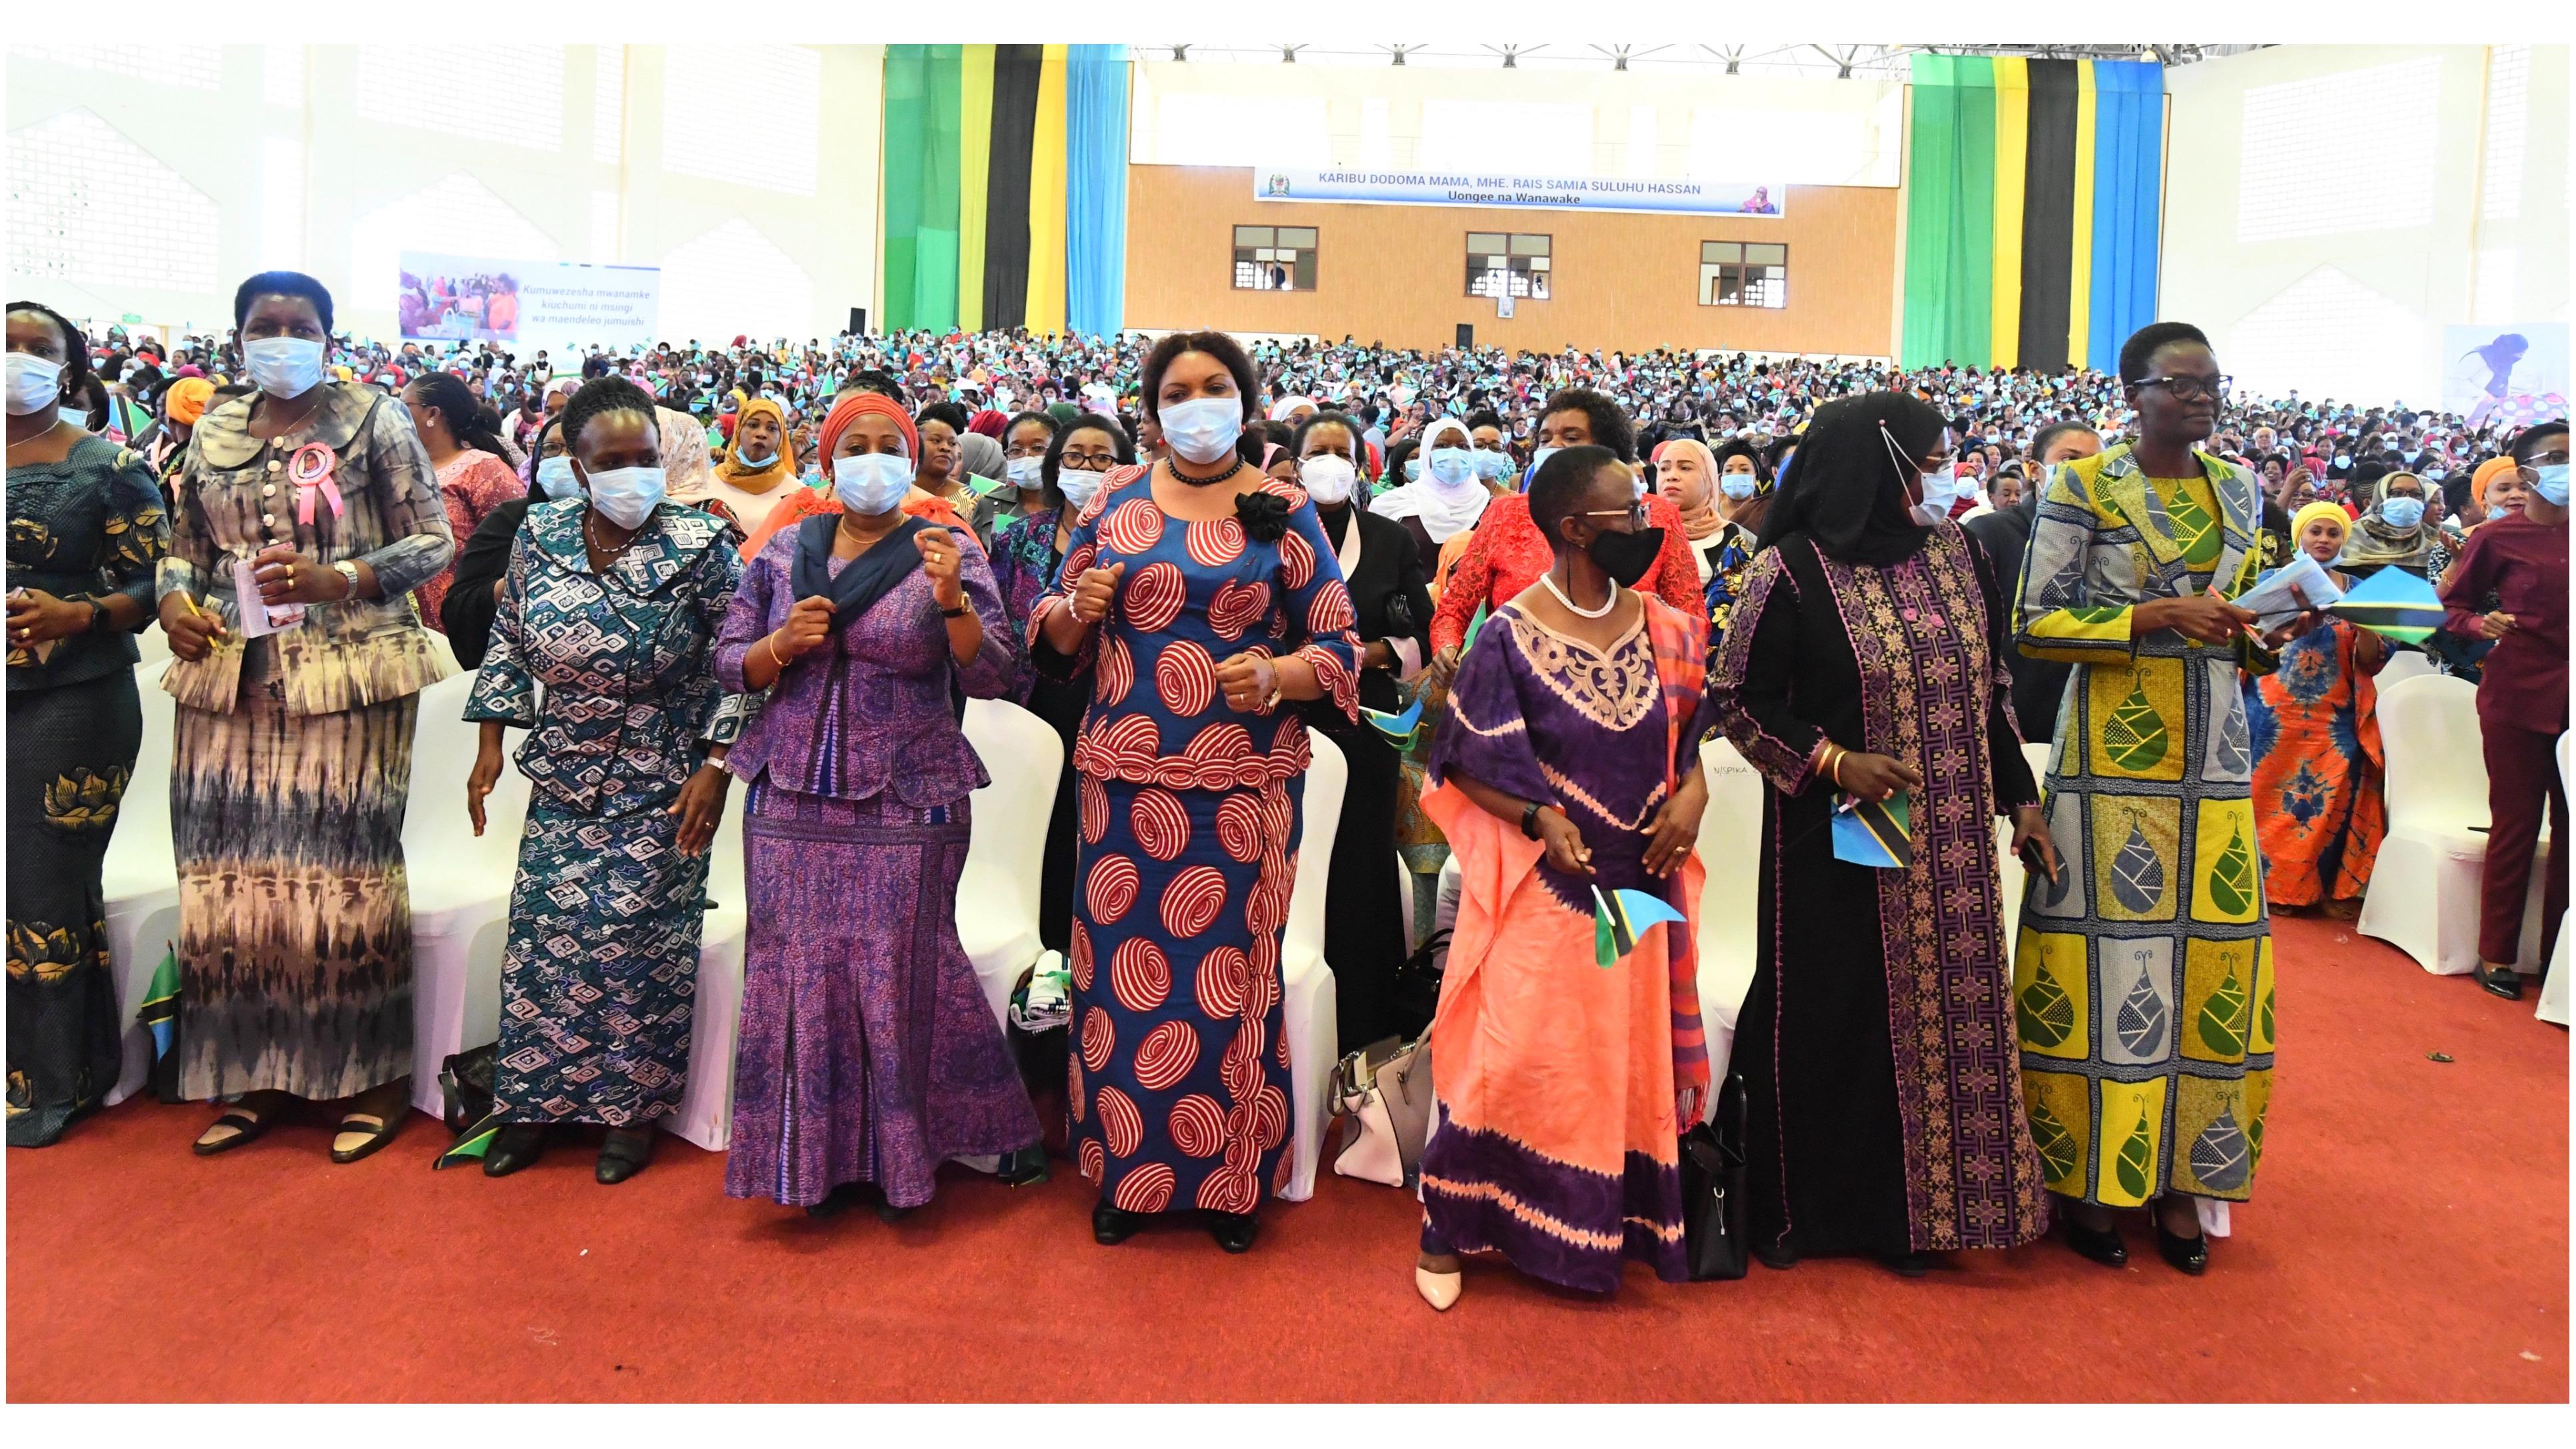 Rais wa jamhuri ya Muungano wa Tanzania, Mheshimiwa Samia Suluhu Hassan akutana na kuzungumza na wanawake wa Dodoma kwa niaba ya wanawake Tanzania leo tarehe 08 Juni, 2021 katika Ukumbi wa Jakaya Kikwete Convention Center Jijini Dodoma.